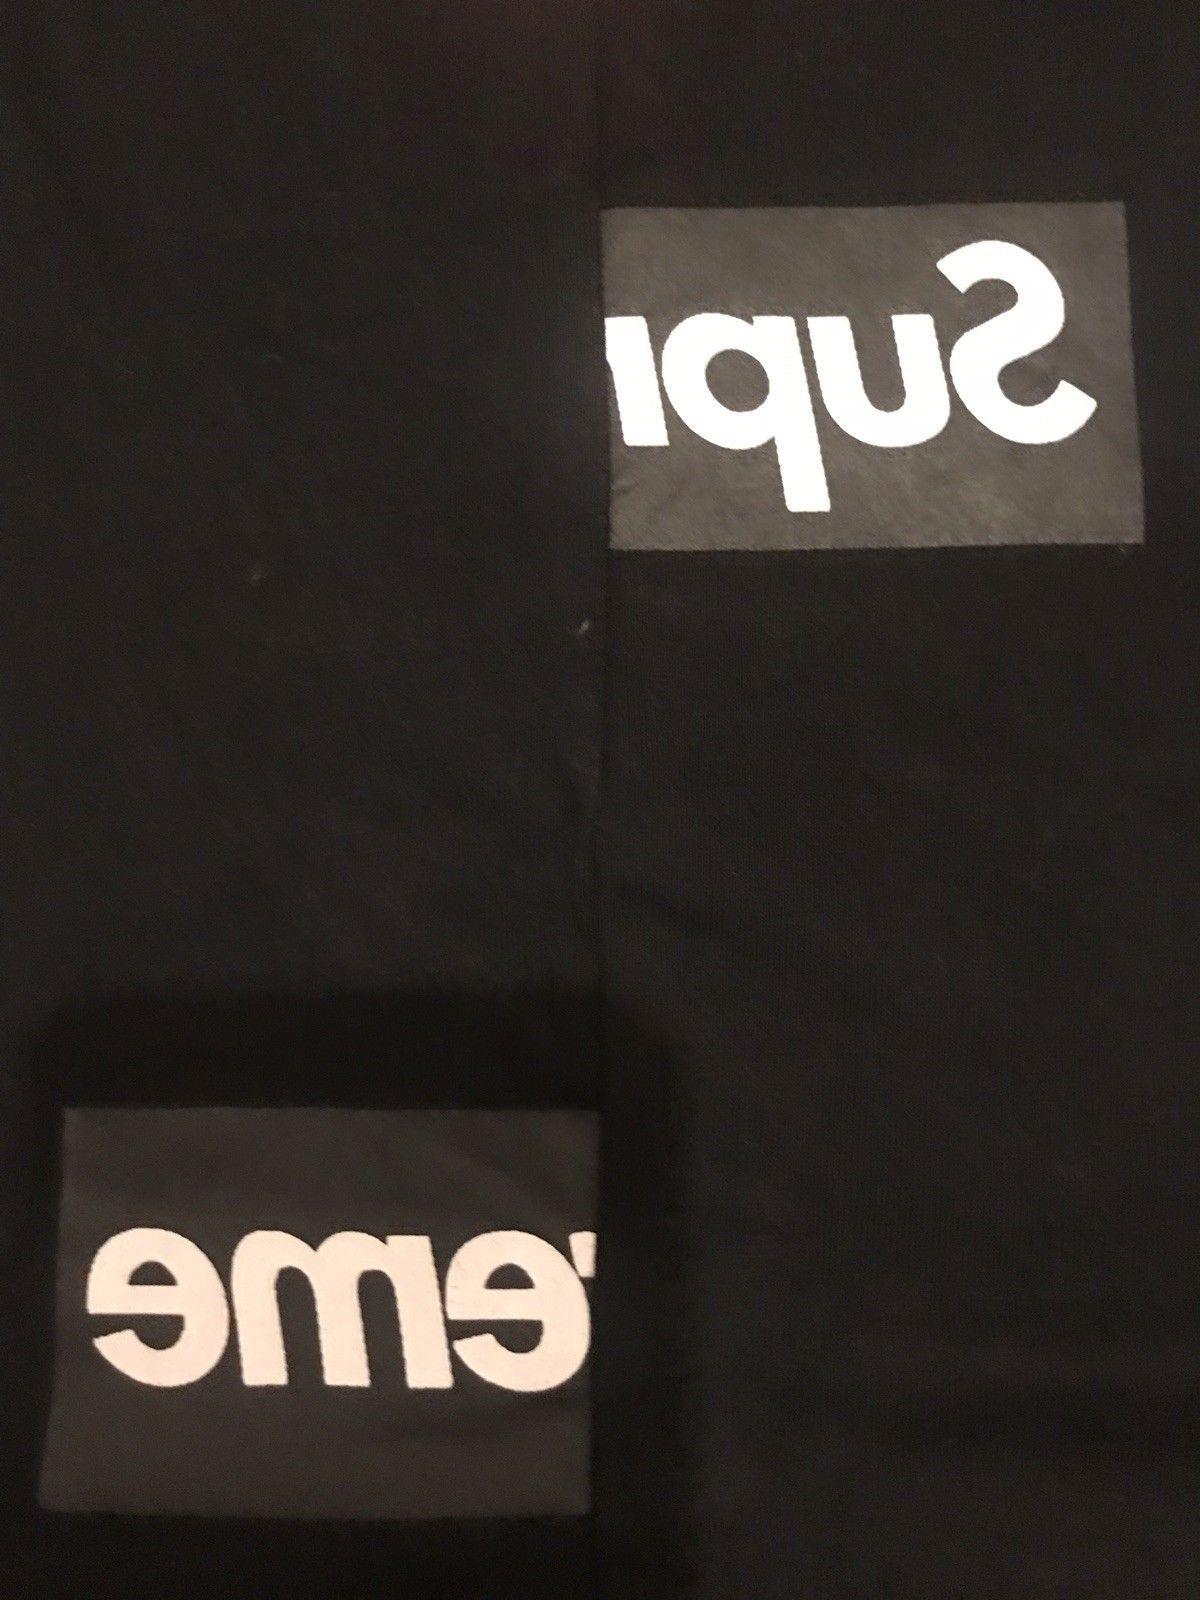 0e724852a436 Details about supreme cdg split box logo tee | Supreme, BAPE ...